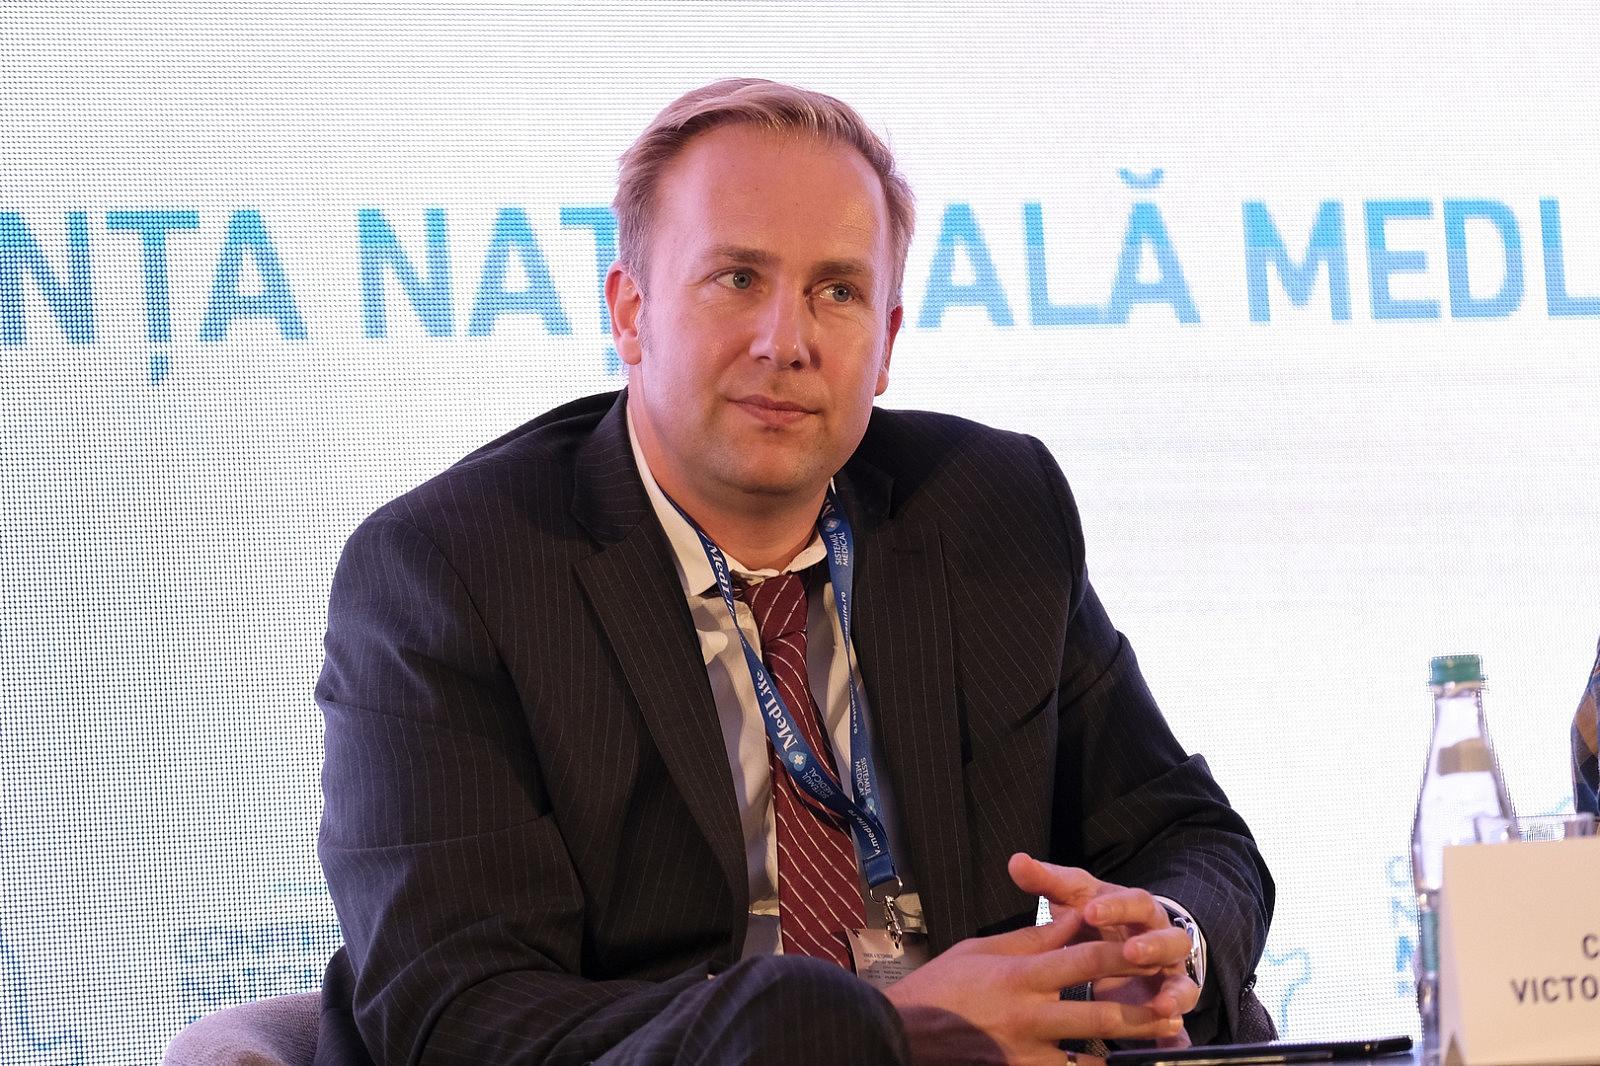 Romania: Health Minister Victor Costache resigns